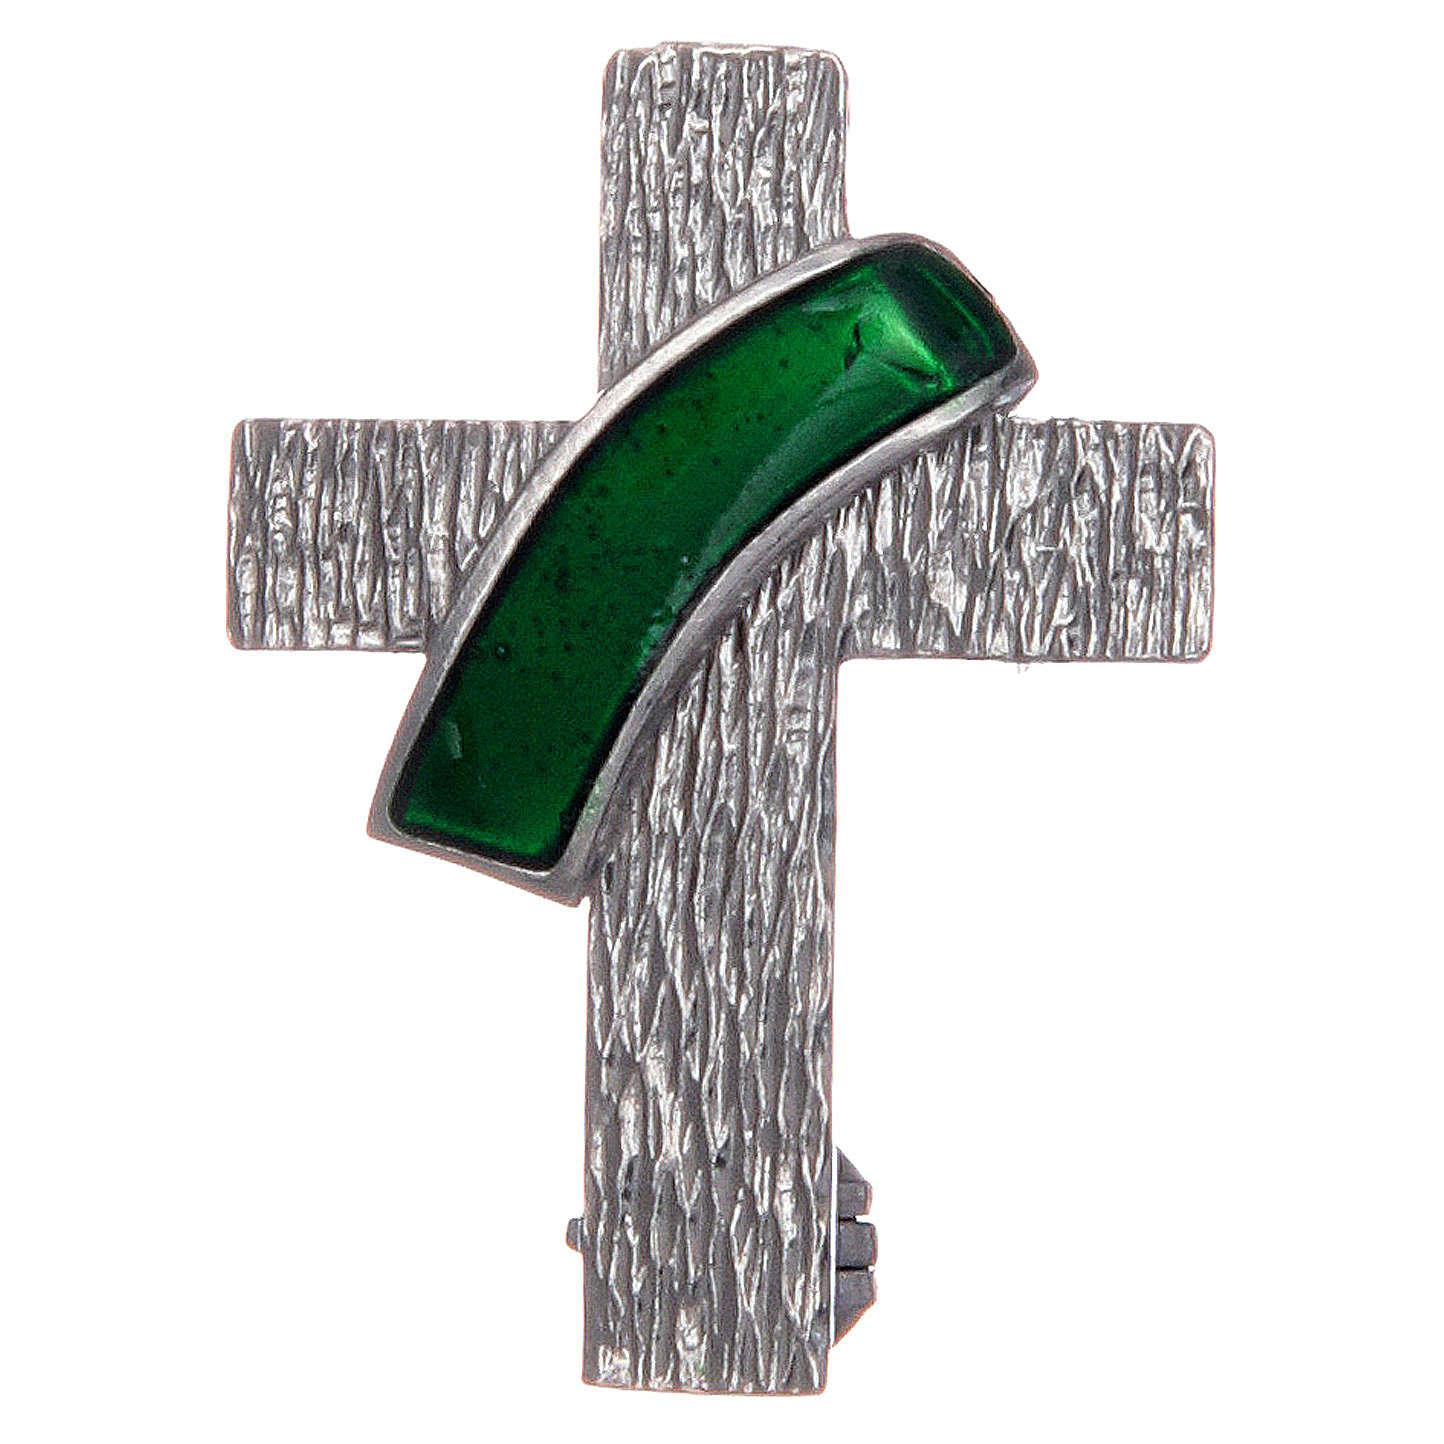 Przypinka do marynarki Krzyż diakoński srebro 925 emalia zielona 4